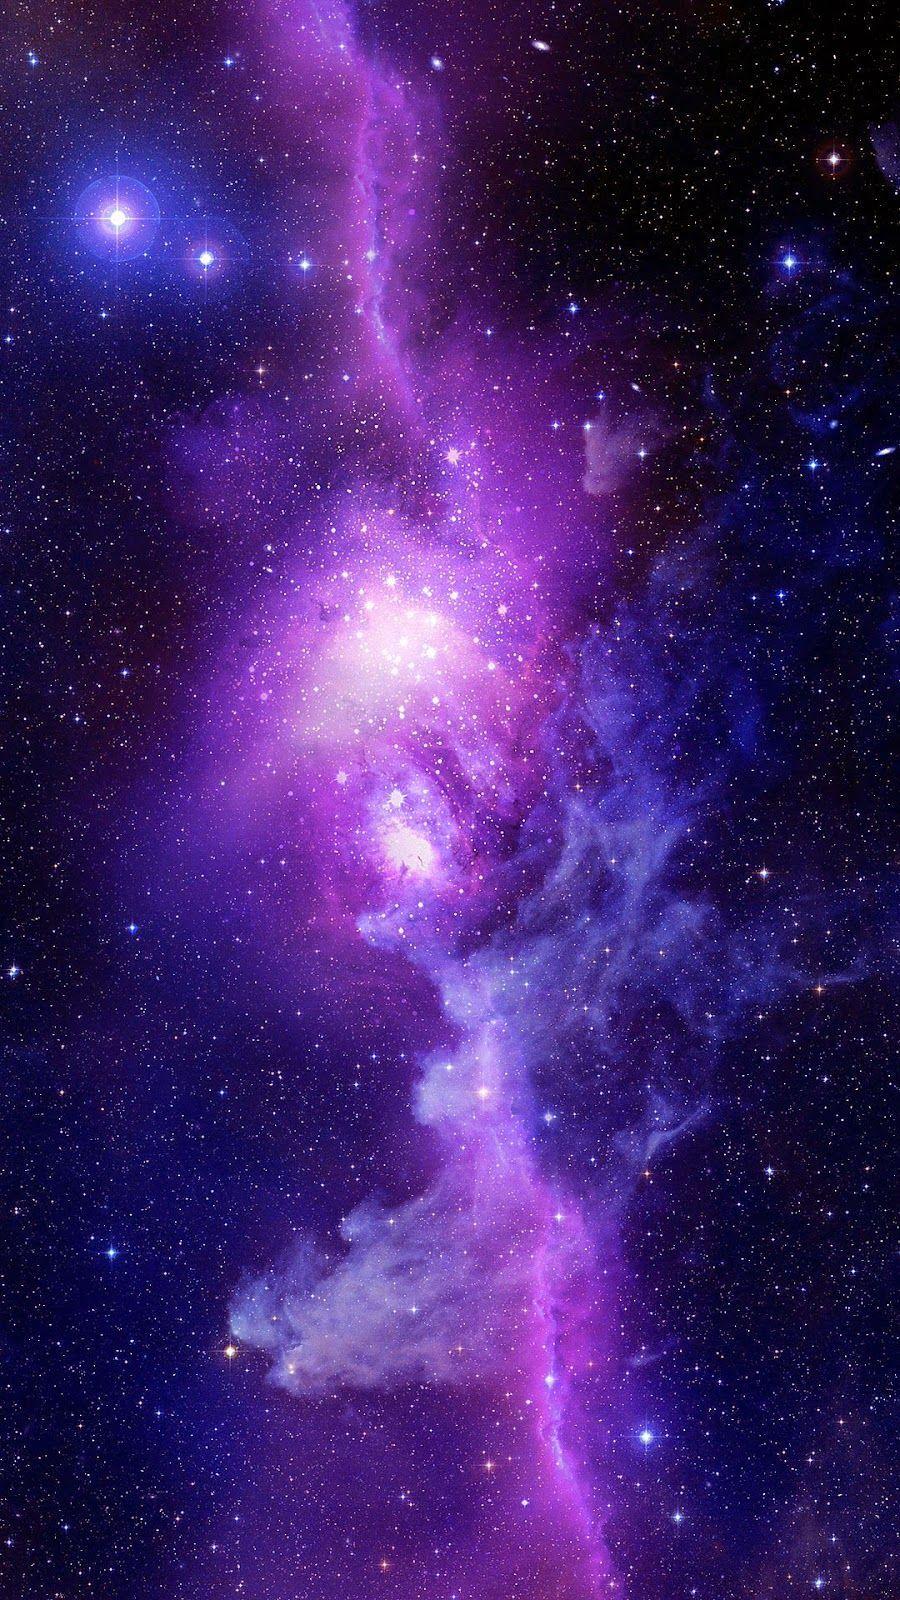 ギャラクシー Galaxyで幻想的なスマホ壁紙 待ち受け宇宙空神秘 宇宙 壁紙 紫色の壁紙 銀河